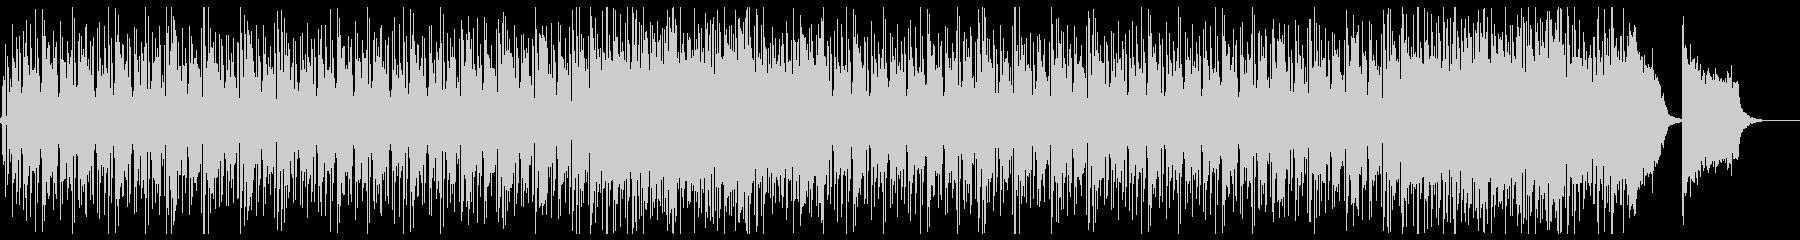 高速ビートのドラムンベースの未再生の波形